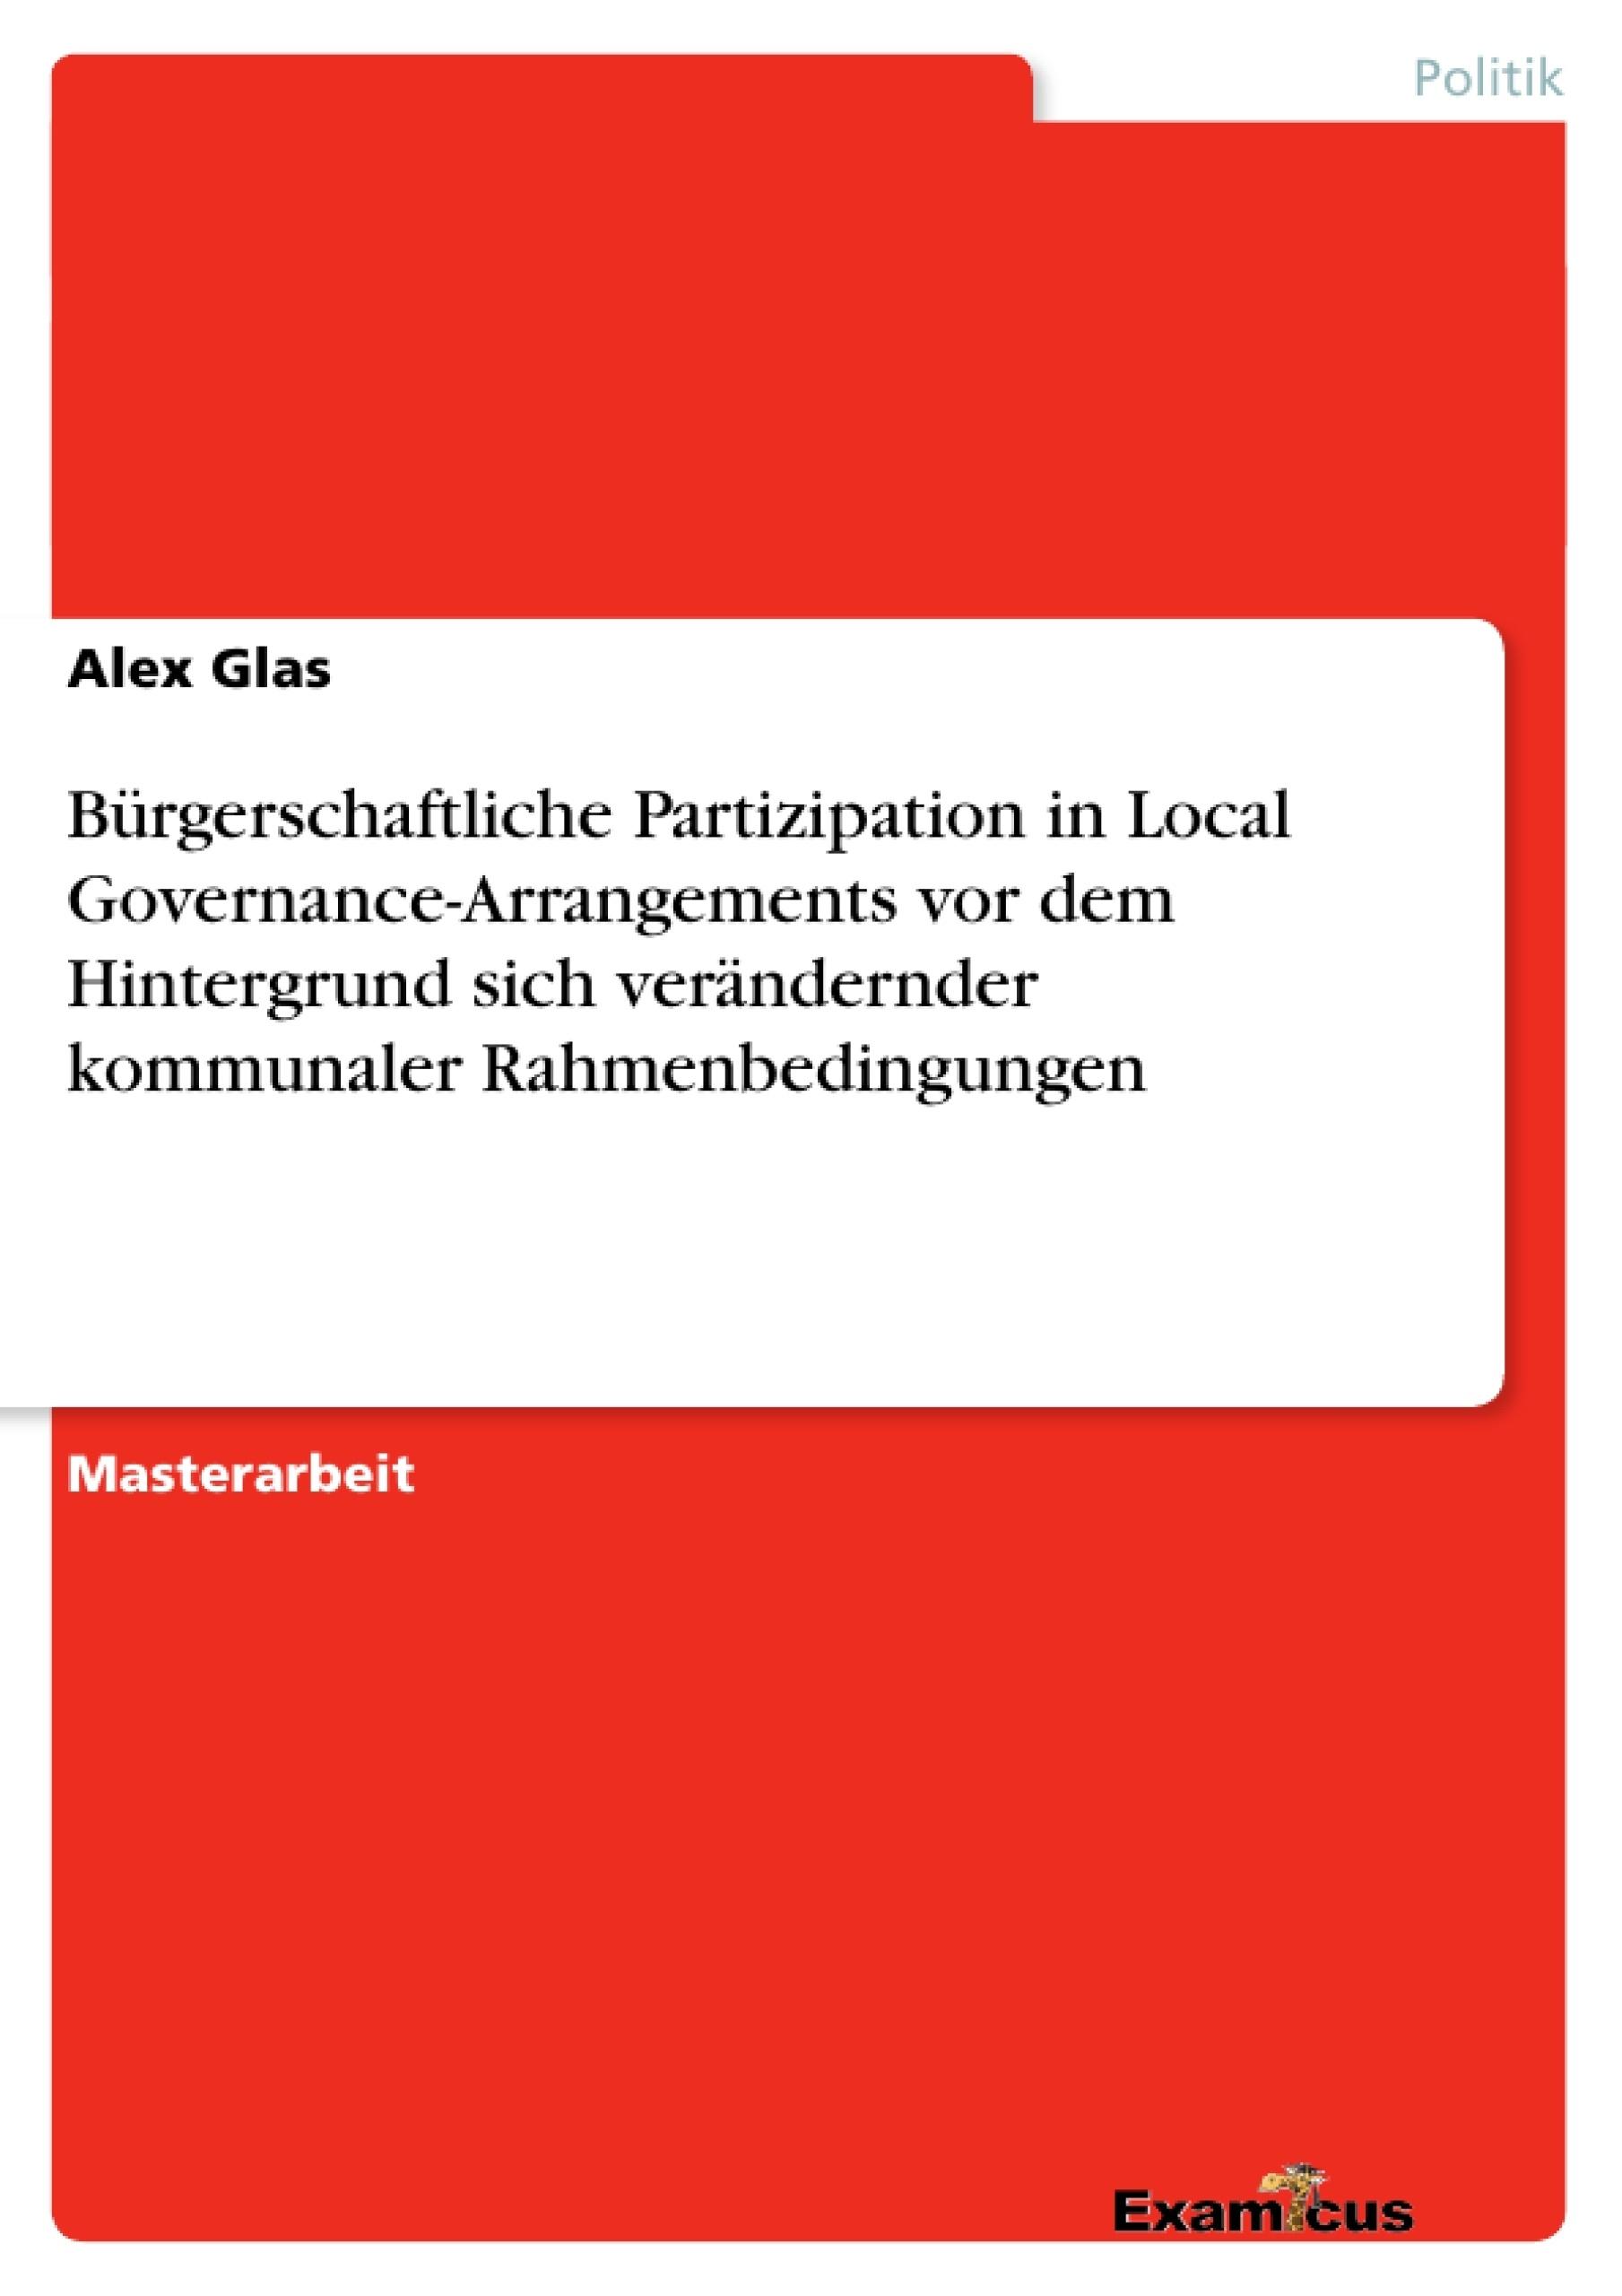 Titel: Bürgerschaftliche Partizipation in Local Governance-Arrangements vor dem Hintergrund sich verändernder kommunaler Rahmenbedingungen